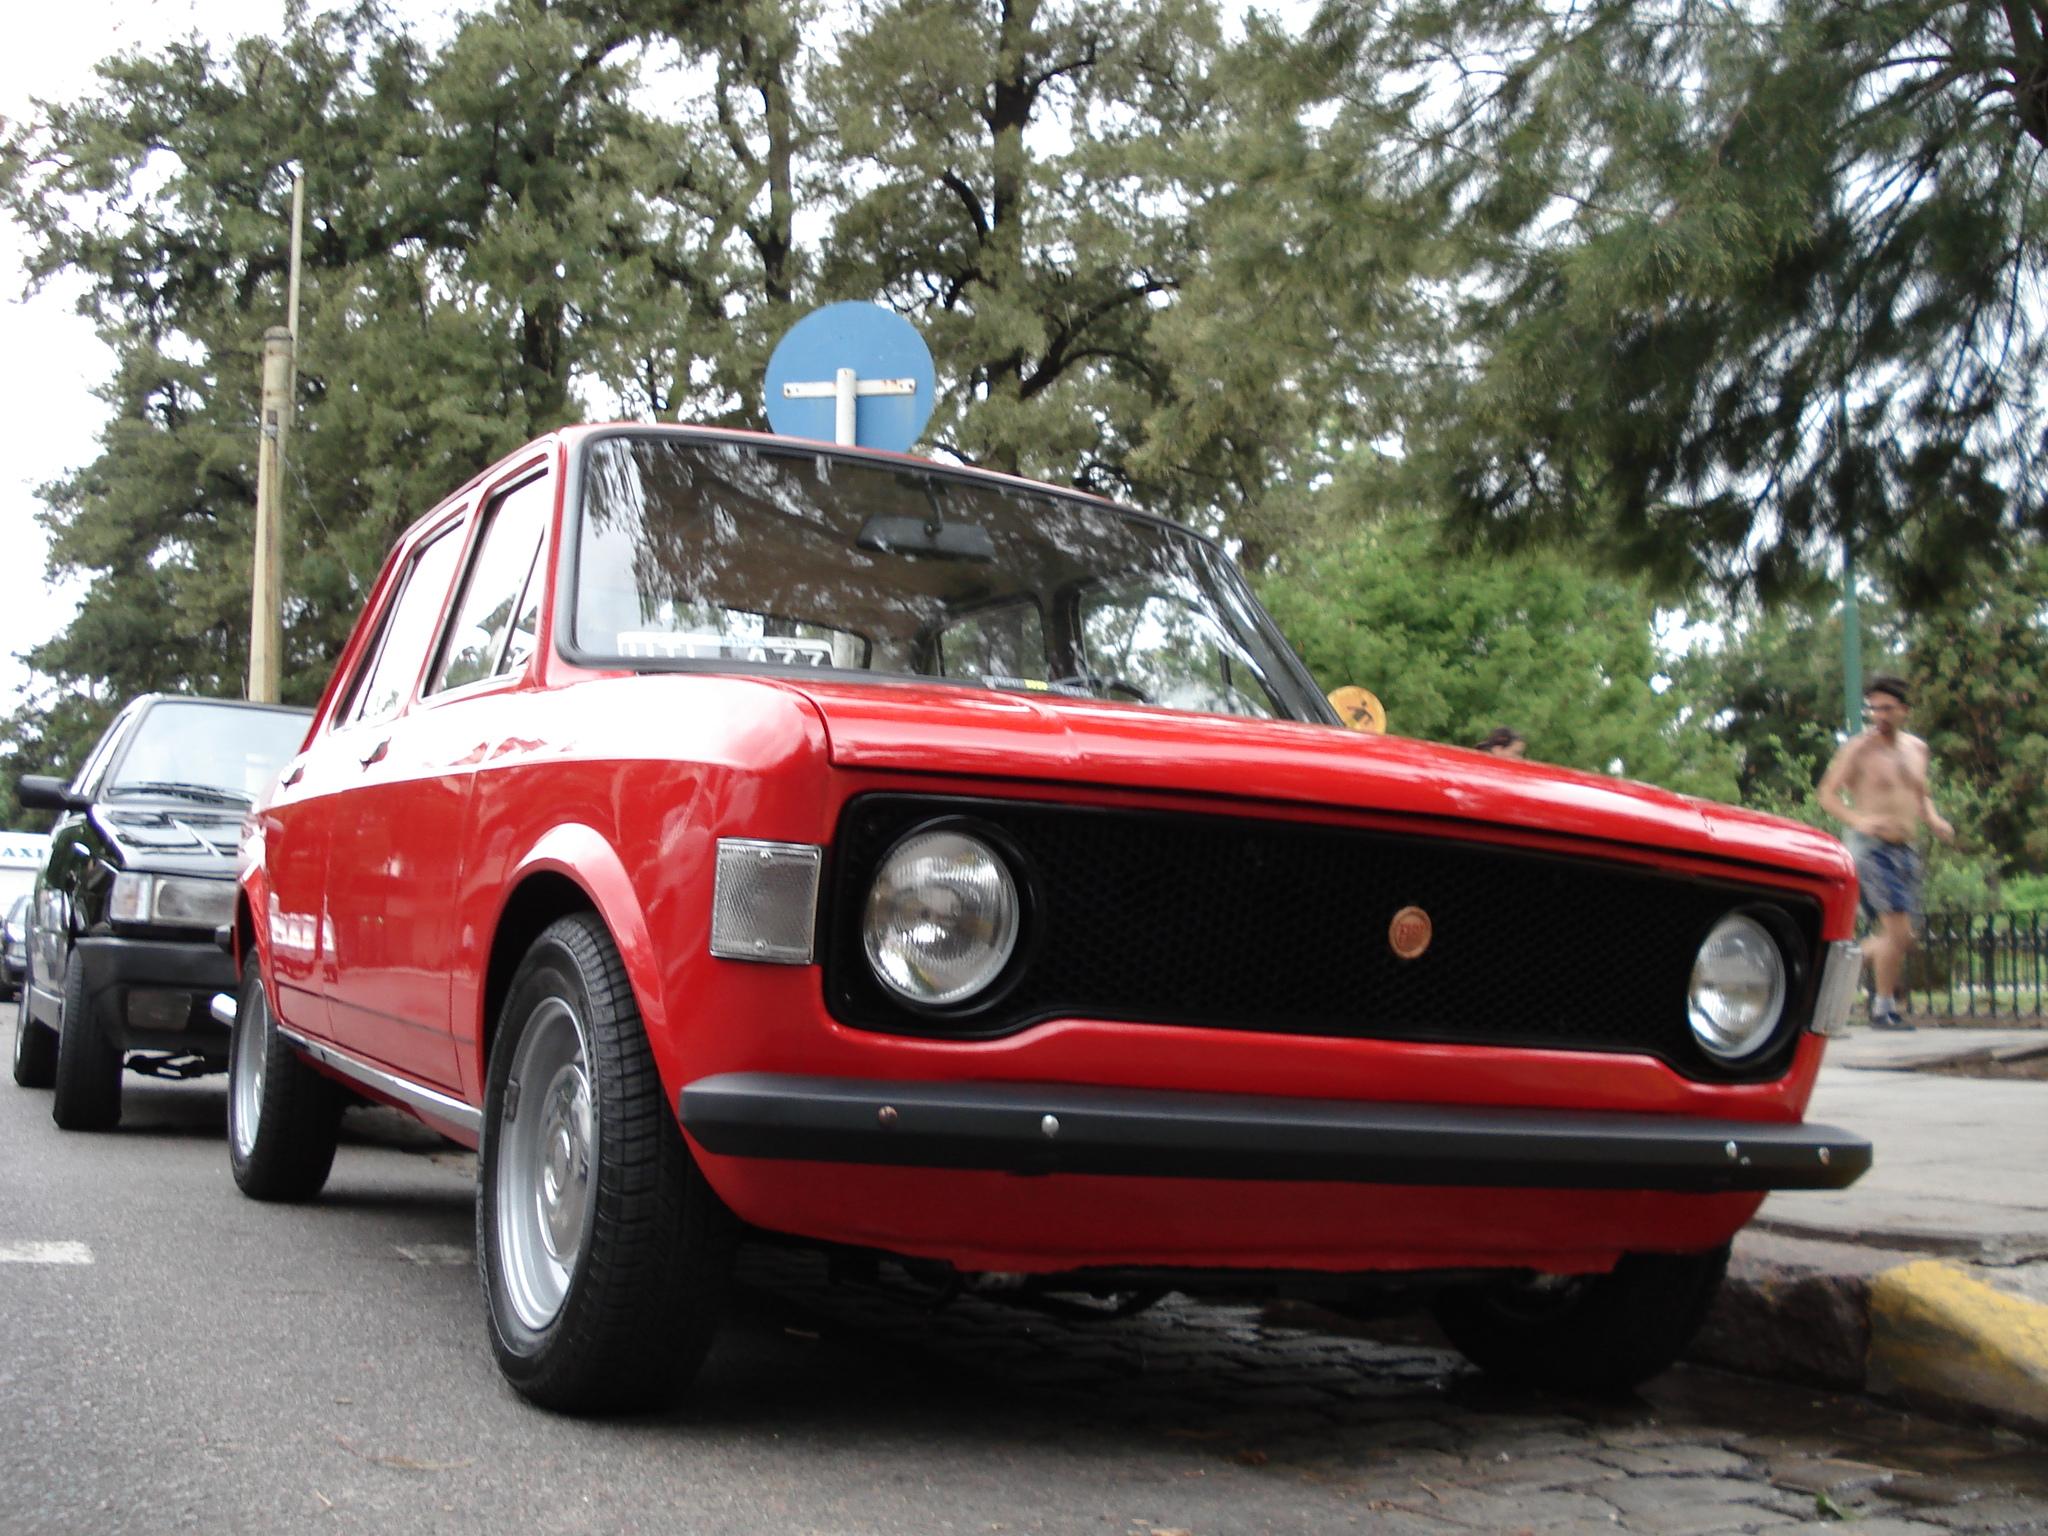 Restauración de un Fiat 128... Groso!